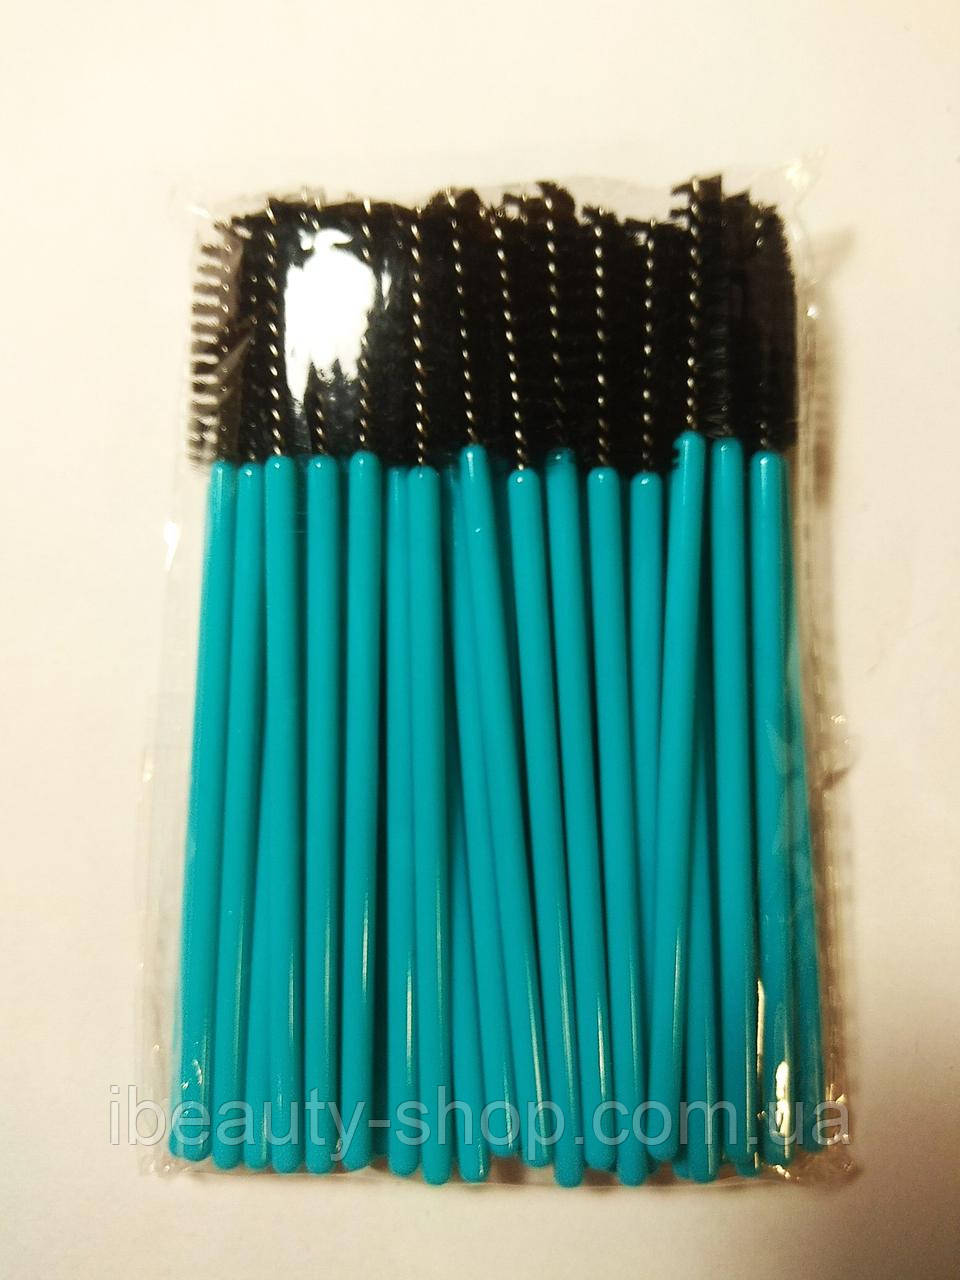 Щетка нейлоновая, бирюзовая+черная, для ресниц и бровей